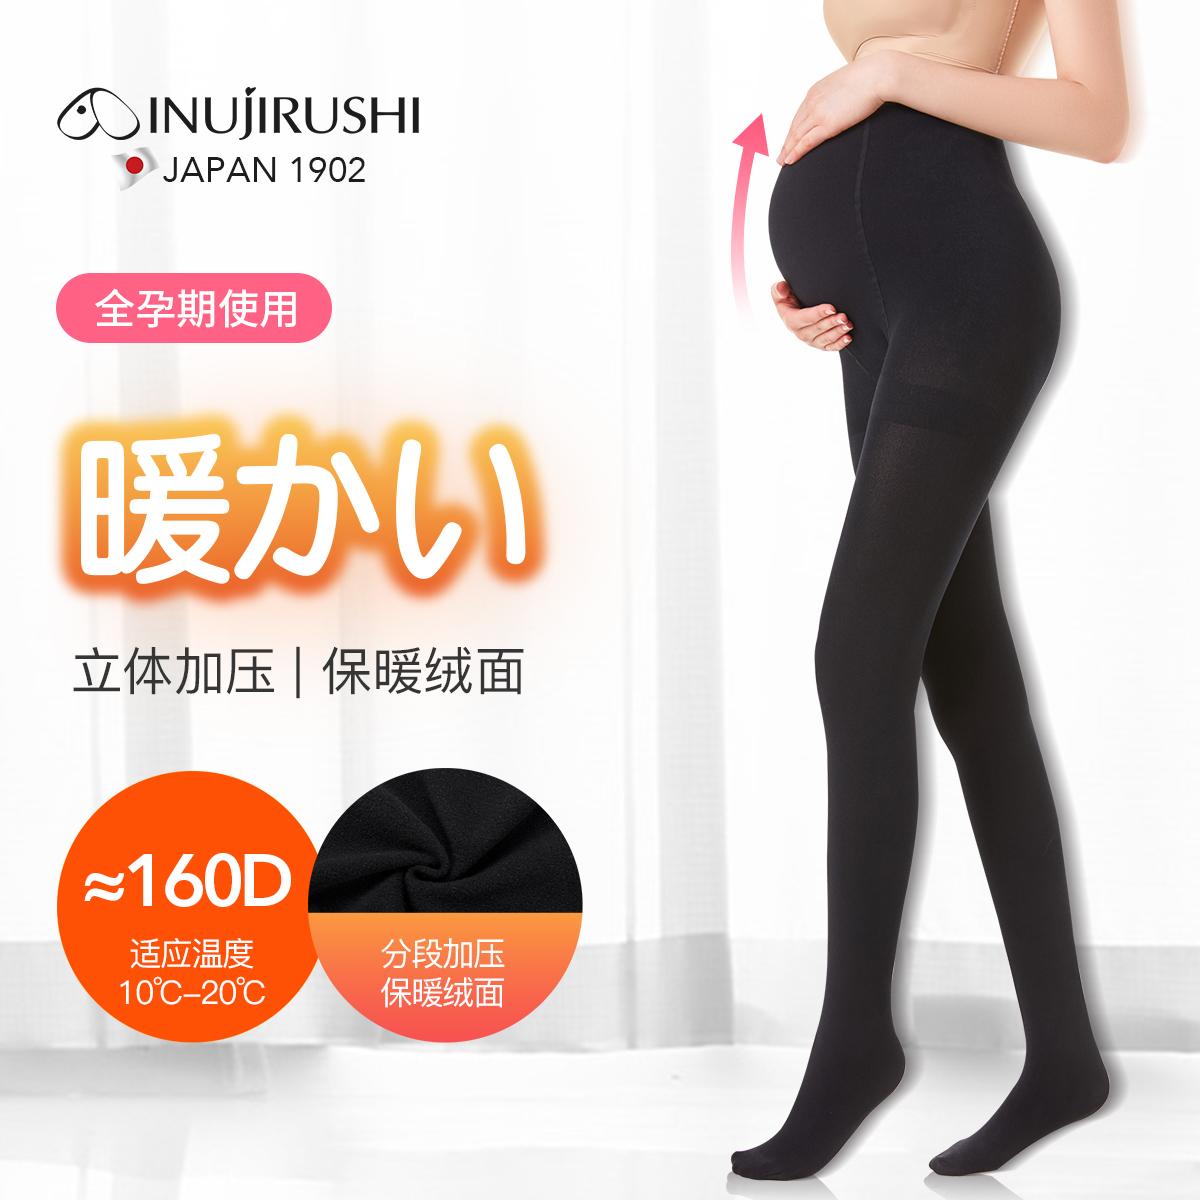 日本犬印孕妇打底裤袜厚款秋冬外穿连裤袜托腹外穿秋裤160D 400D